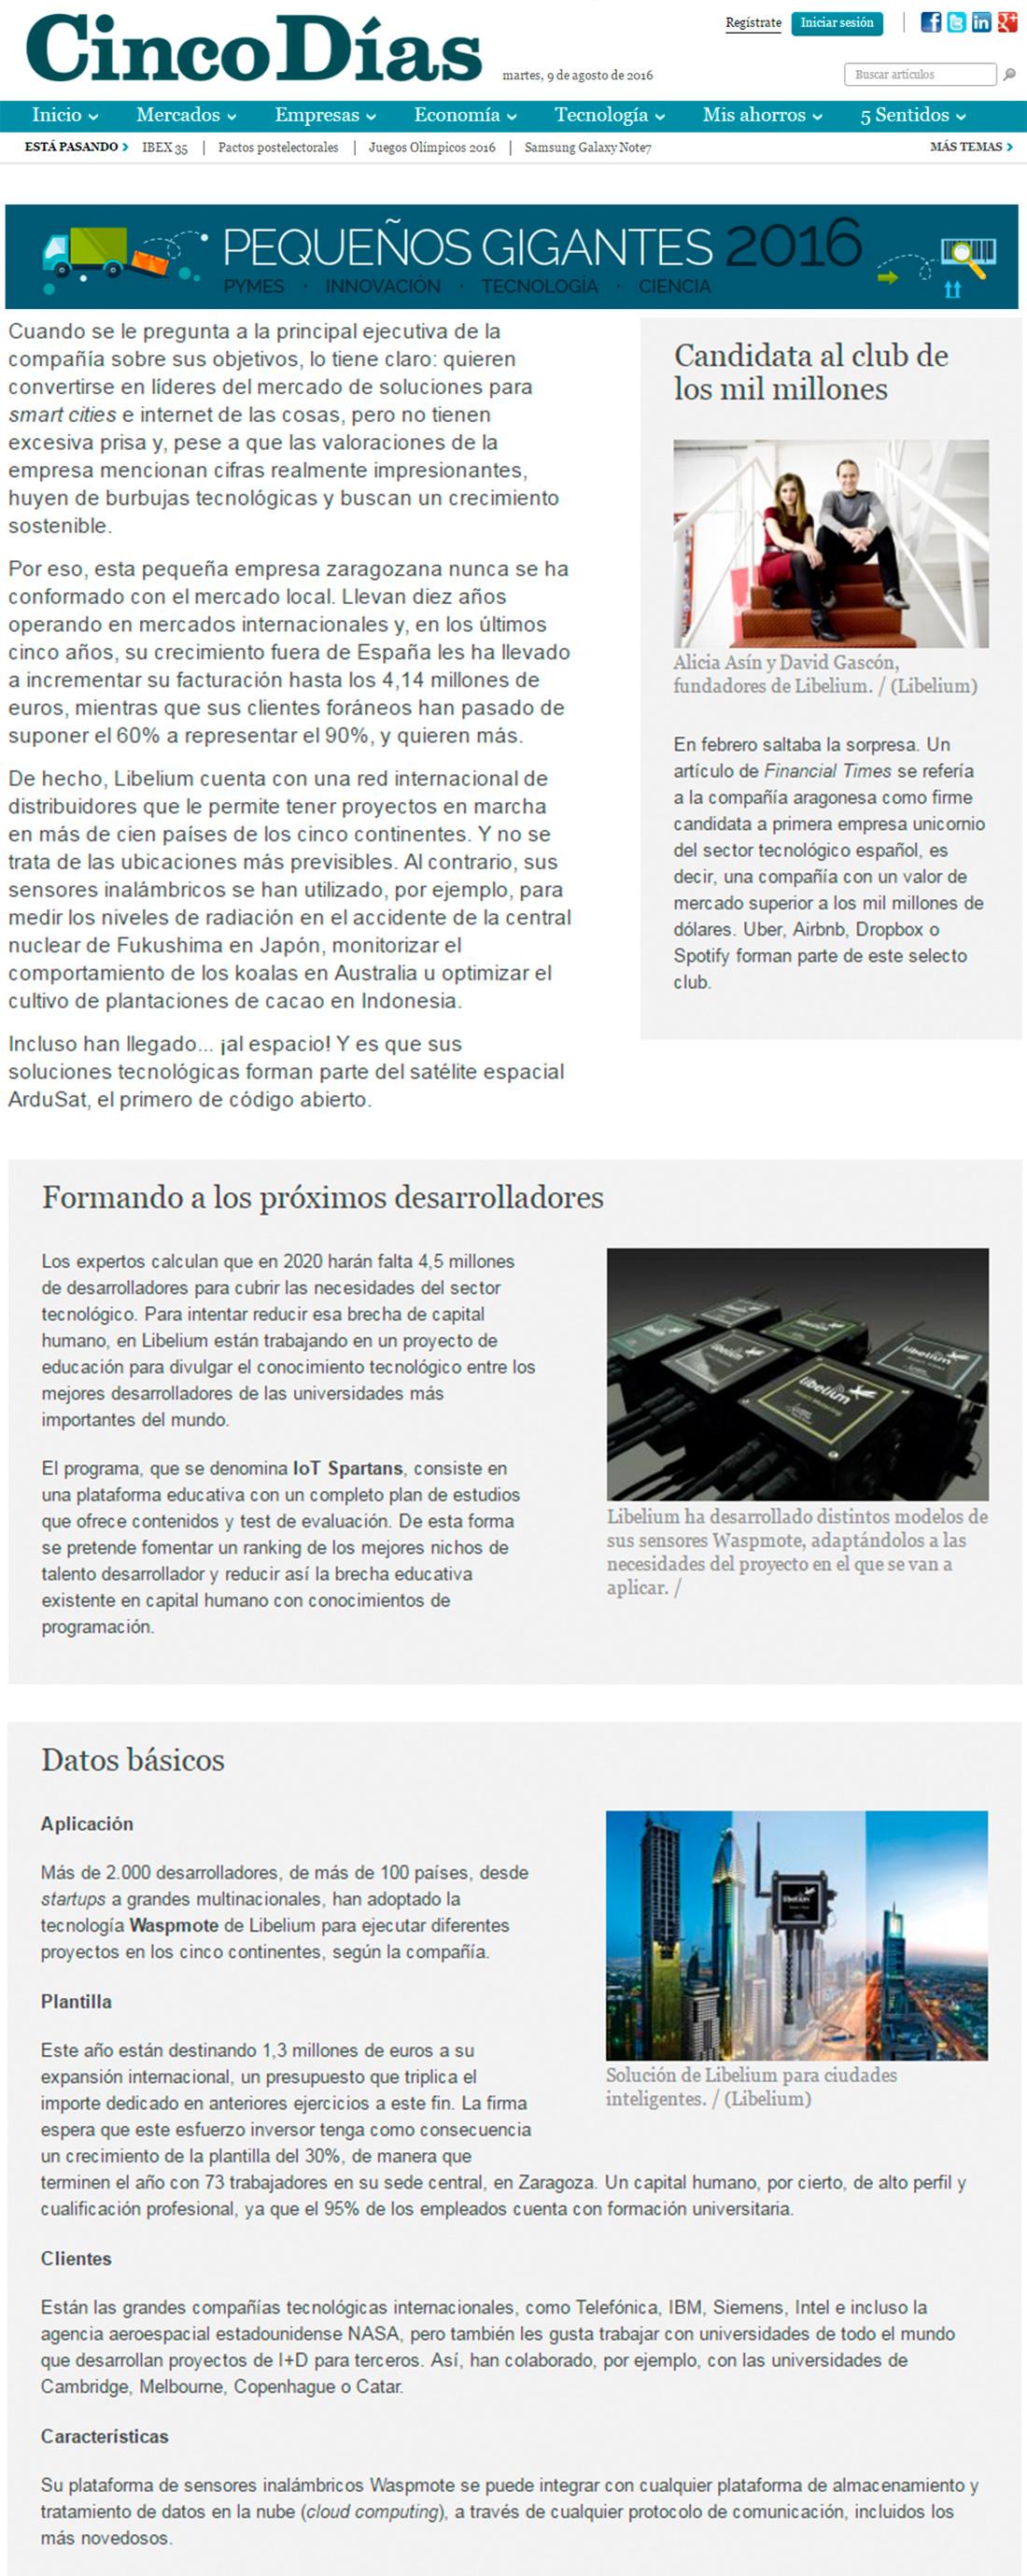 Cinco Días – Desde el espacio comunican con Zaragoza